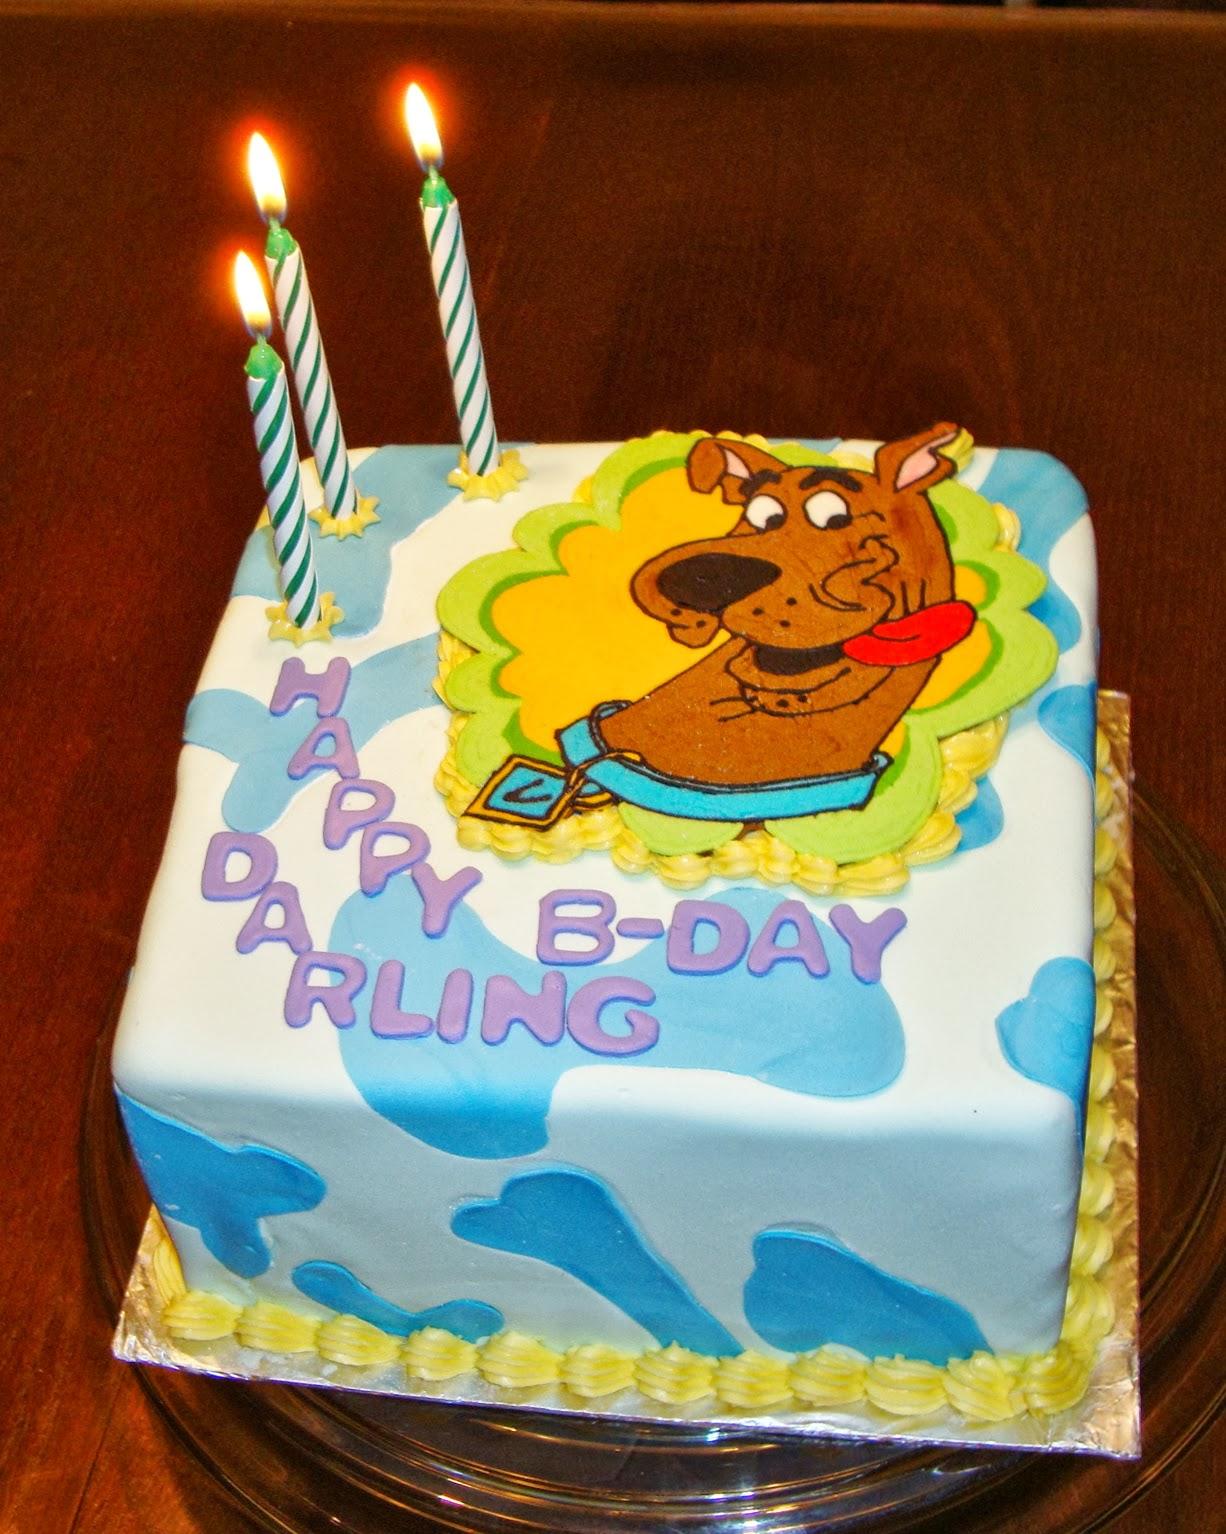 Scooby Doo Cake Pan Walmart